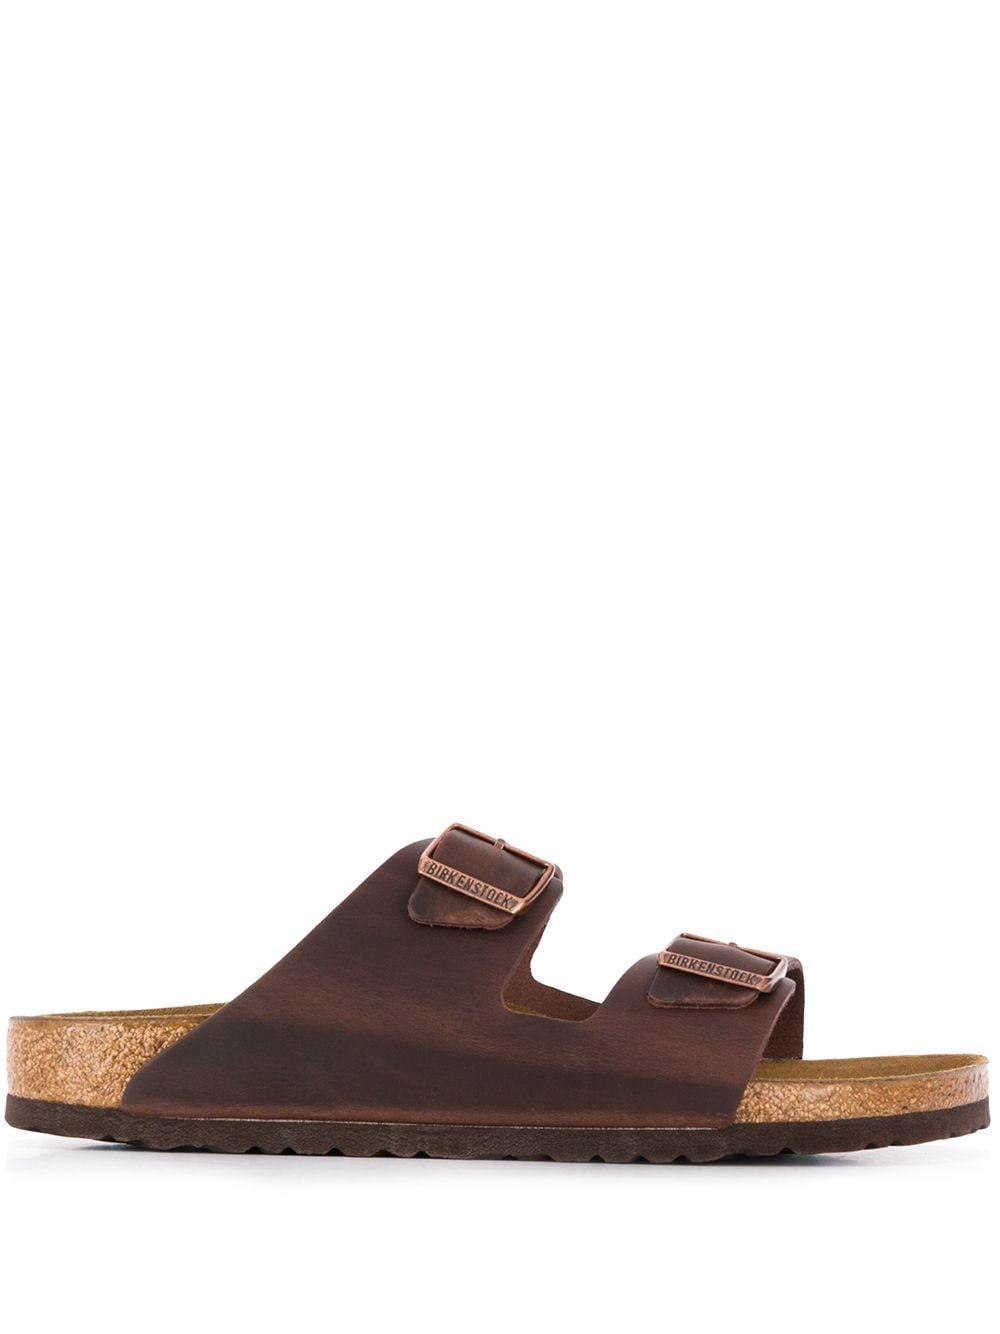 Arizona sandals unisex BIRKENSTOCK   Sandals   052533HABANA